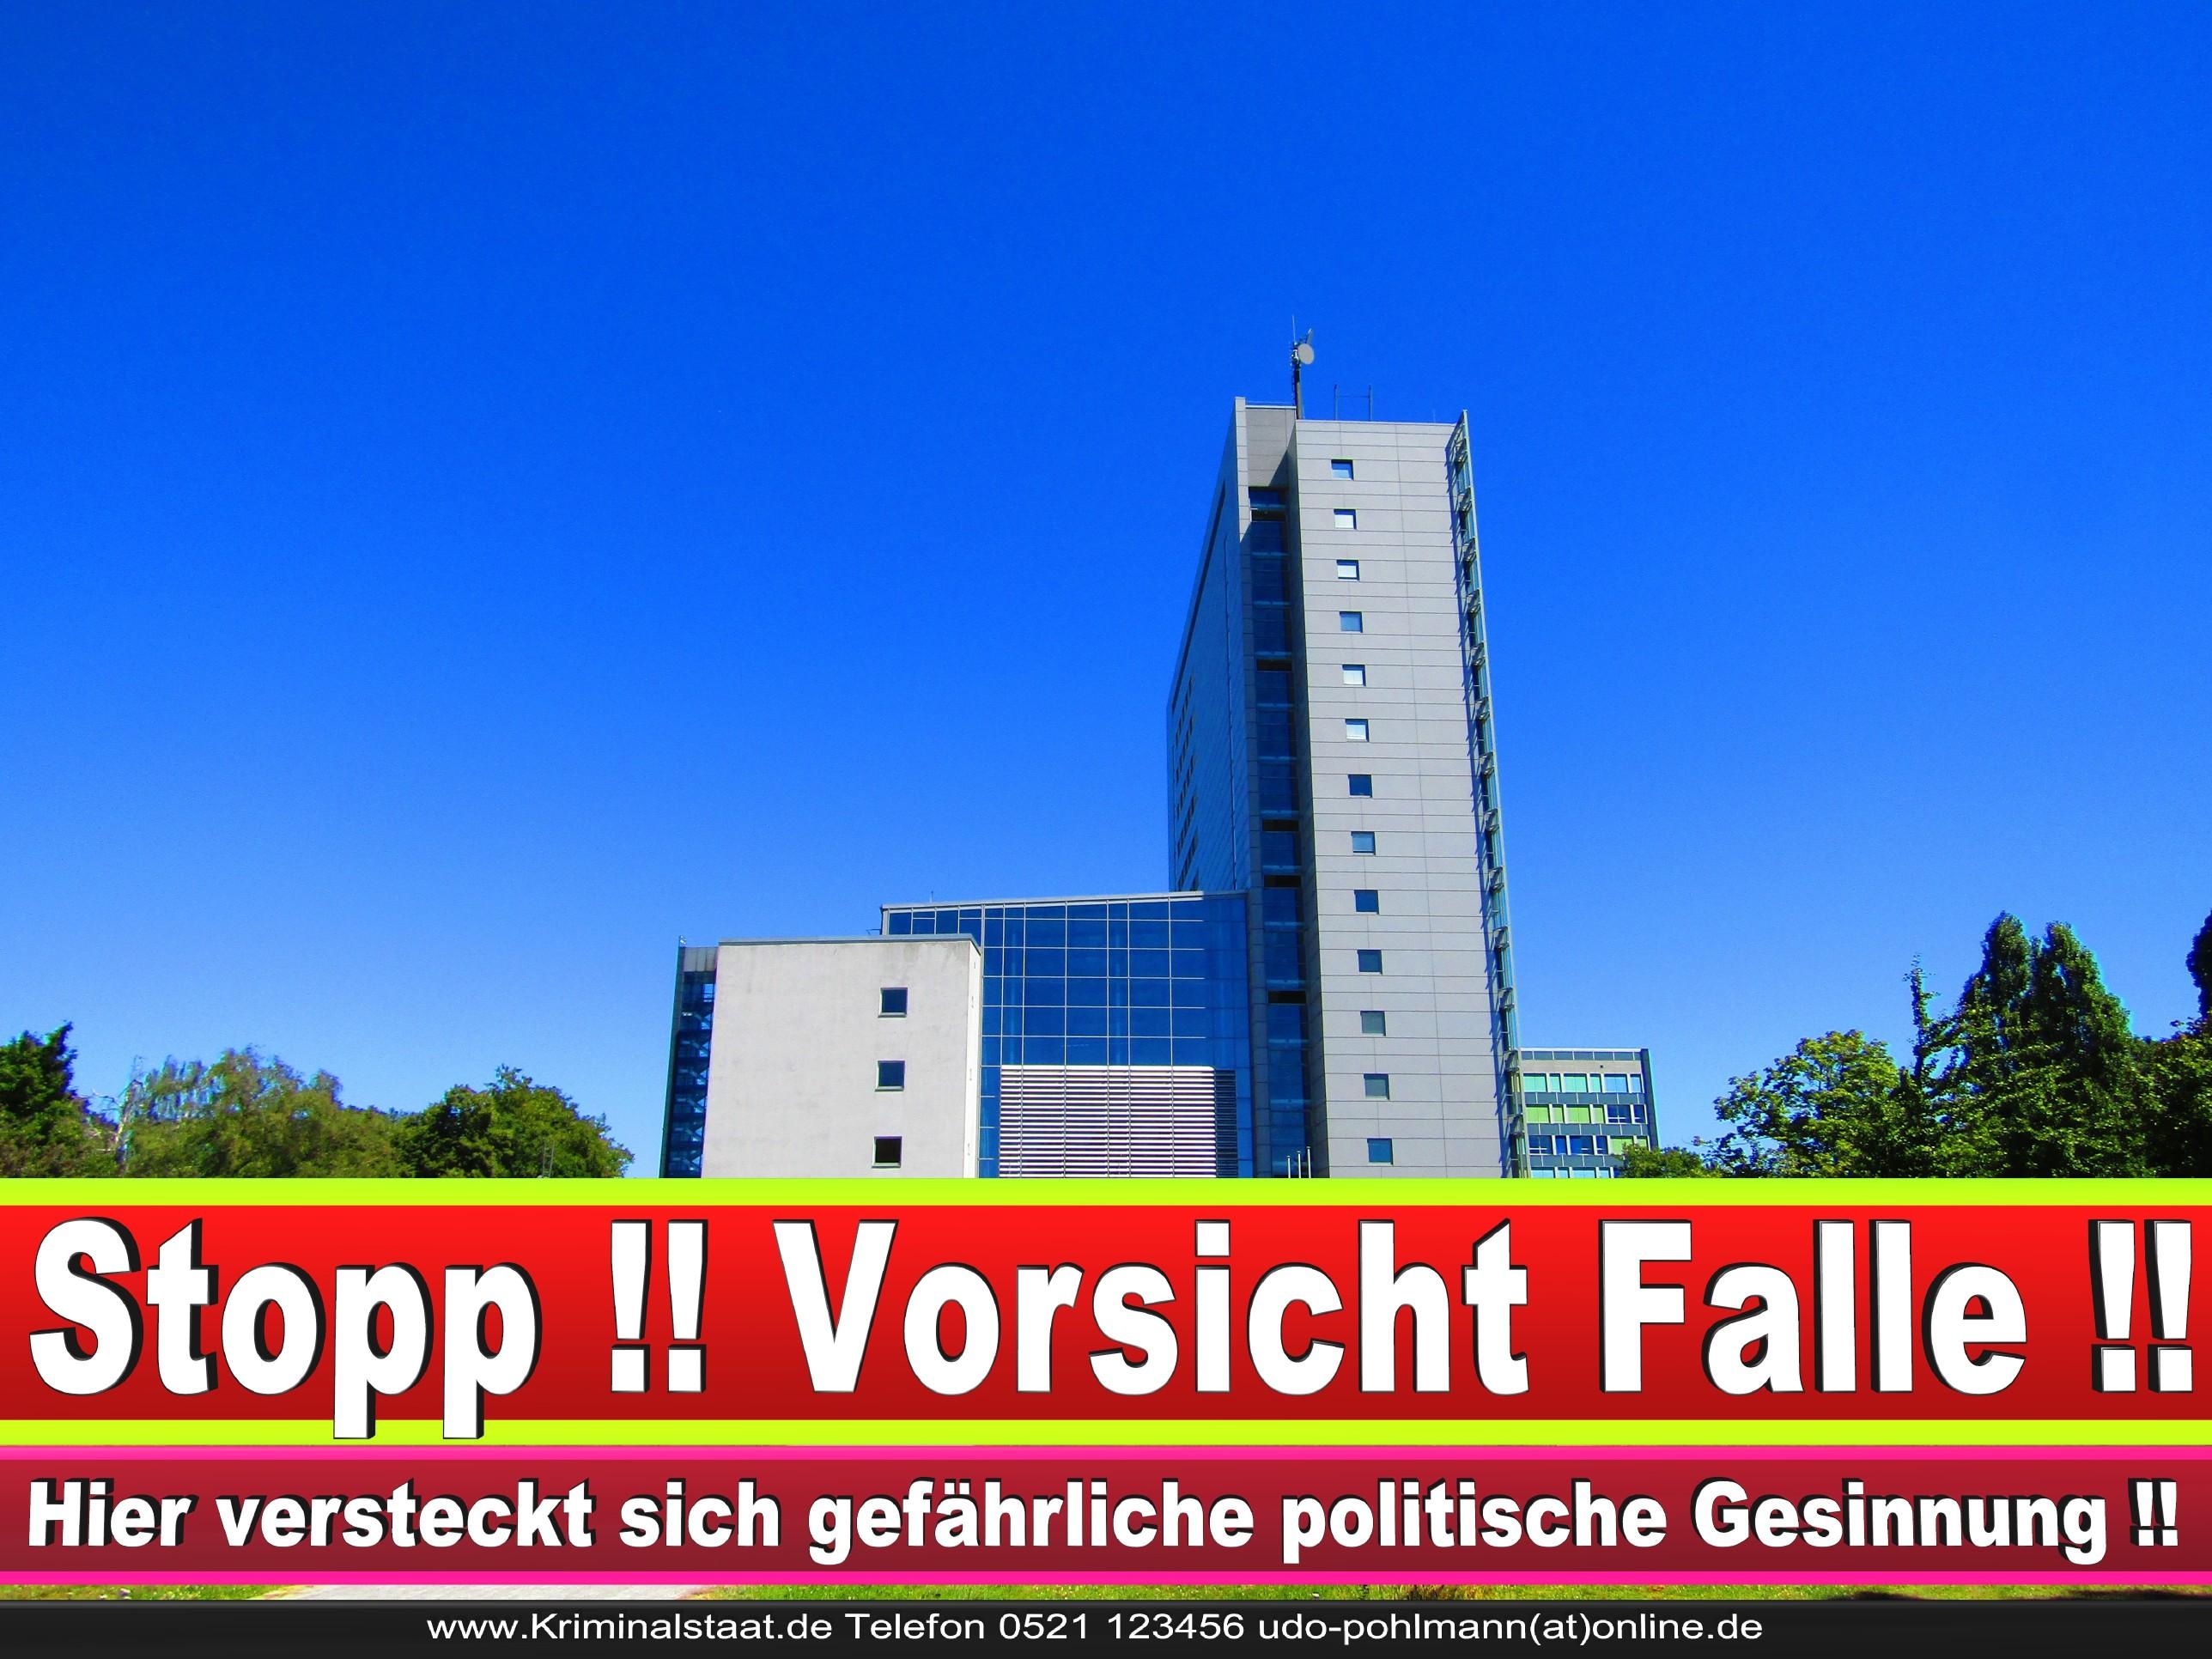 OLG Hamm Oberlandesgericht Hamm Landgericht Polizei Staatsanwaltschaft Generalstaatsanwaltschaft StA GeStA Praktikum Korruption Rechtsbeugung Richter Justiz Justizministerium (39)